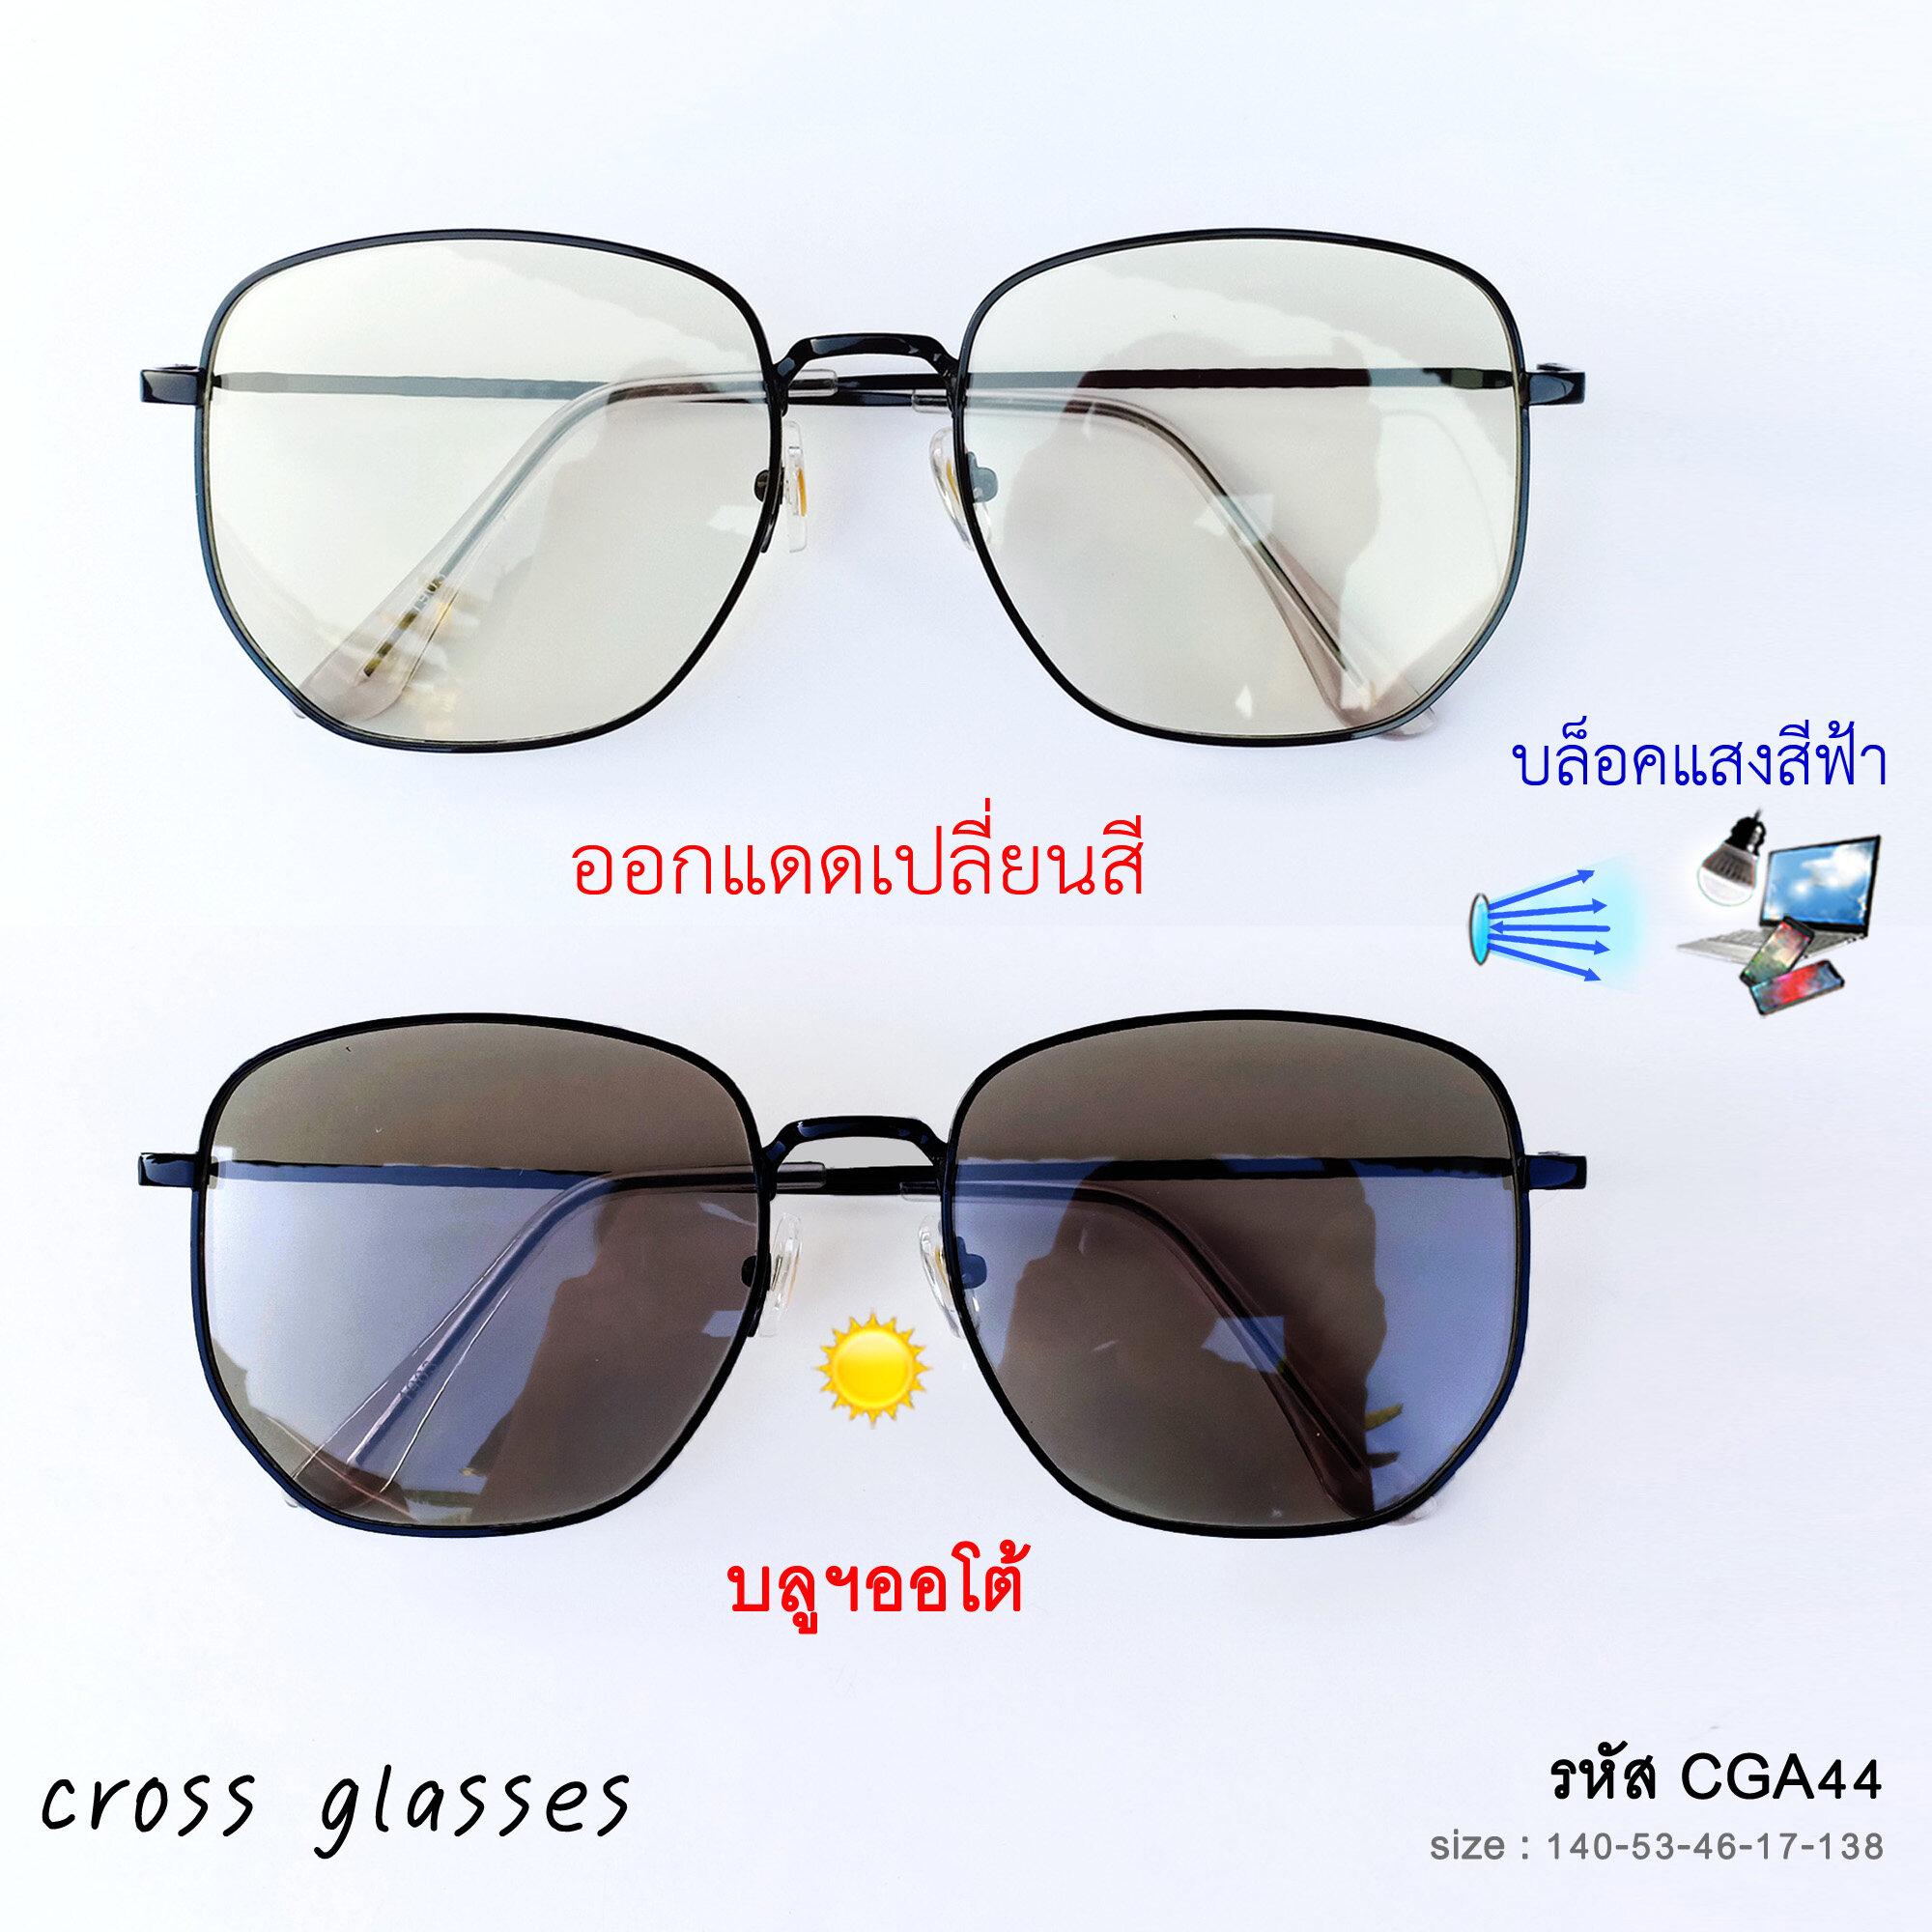 แว่นกรองแสงสีฟ้า เลนส์บลูฯออโต้ ออกแดดเปลี่ยนสี วัสดุผสมไททาเนียม น้ำหนักเบา ทรงยอดนิยม รหัส Cga44.